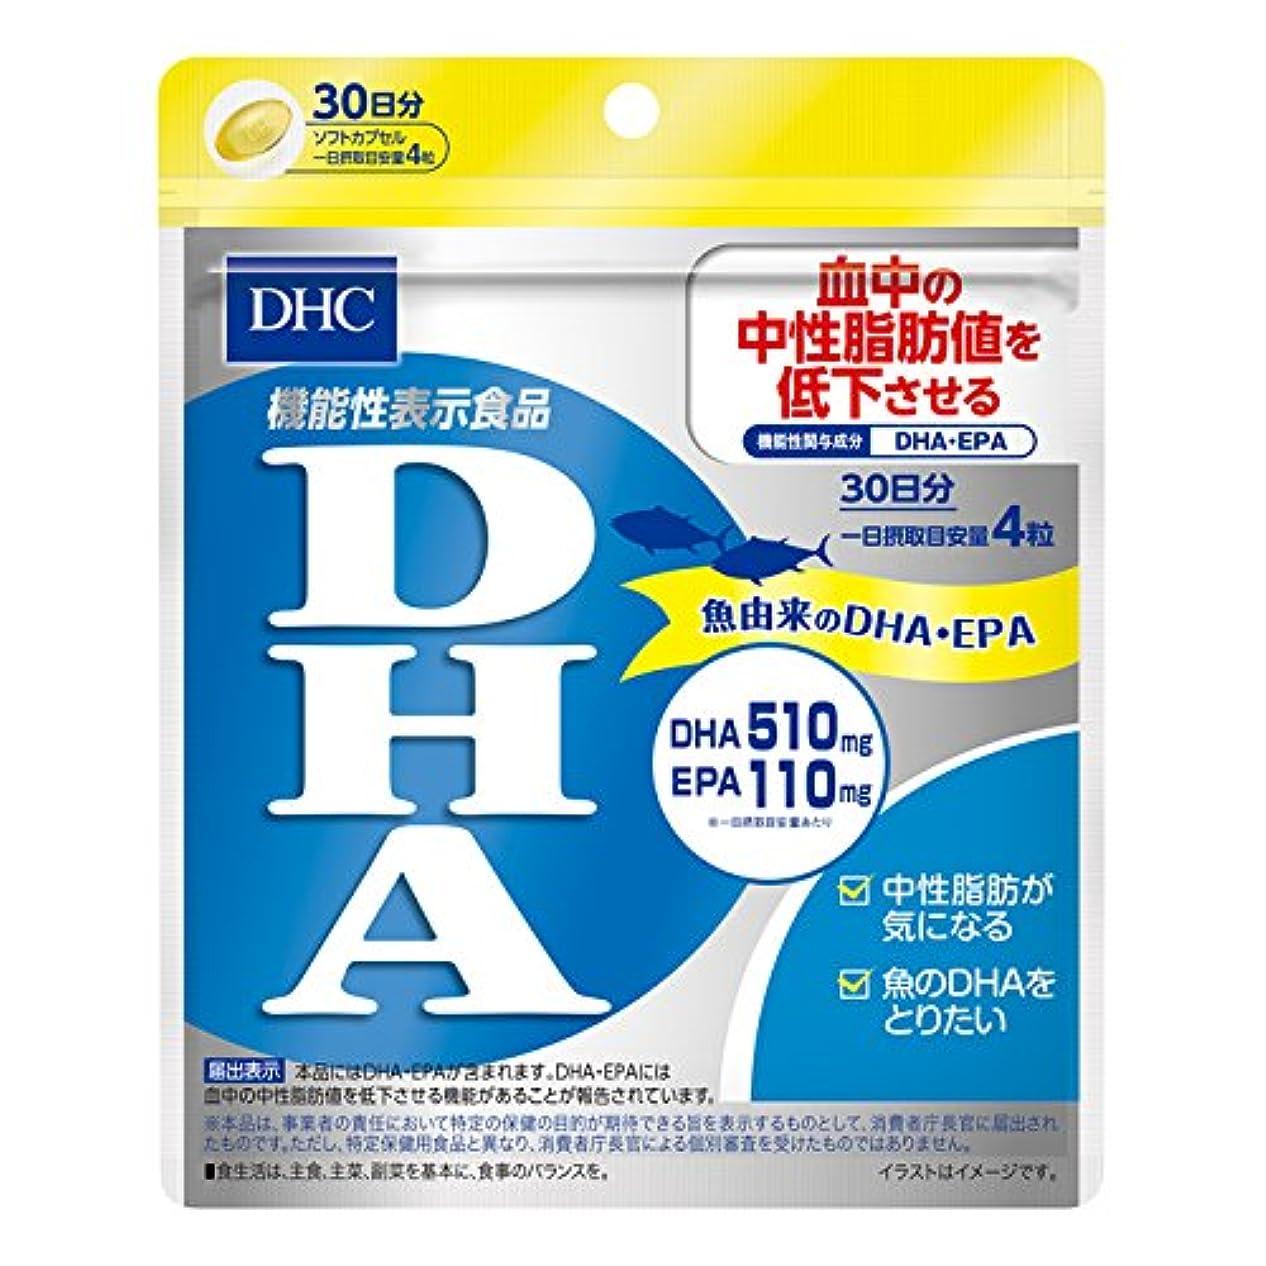 レルム文句を言う大人DHC DHA 30日分 [機能性表示食品]